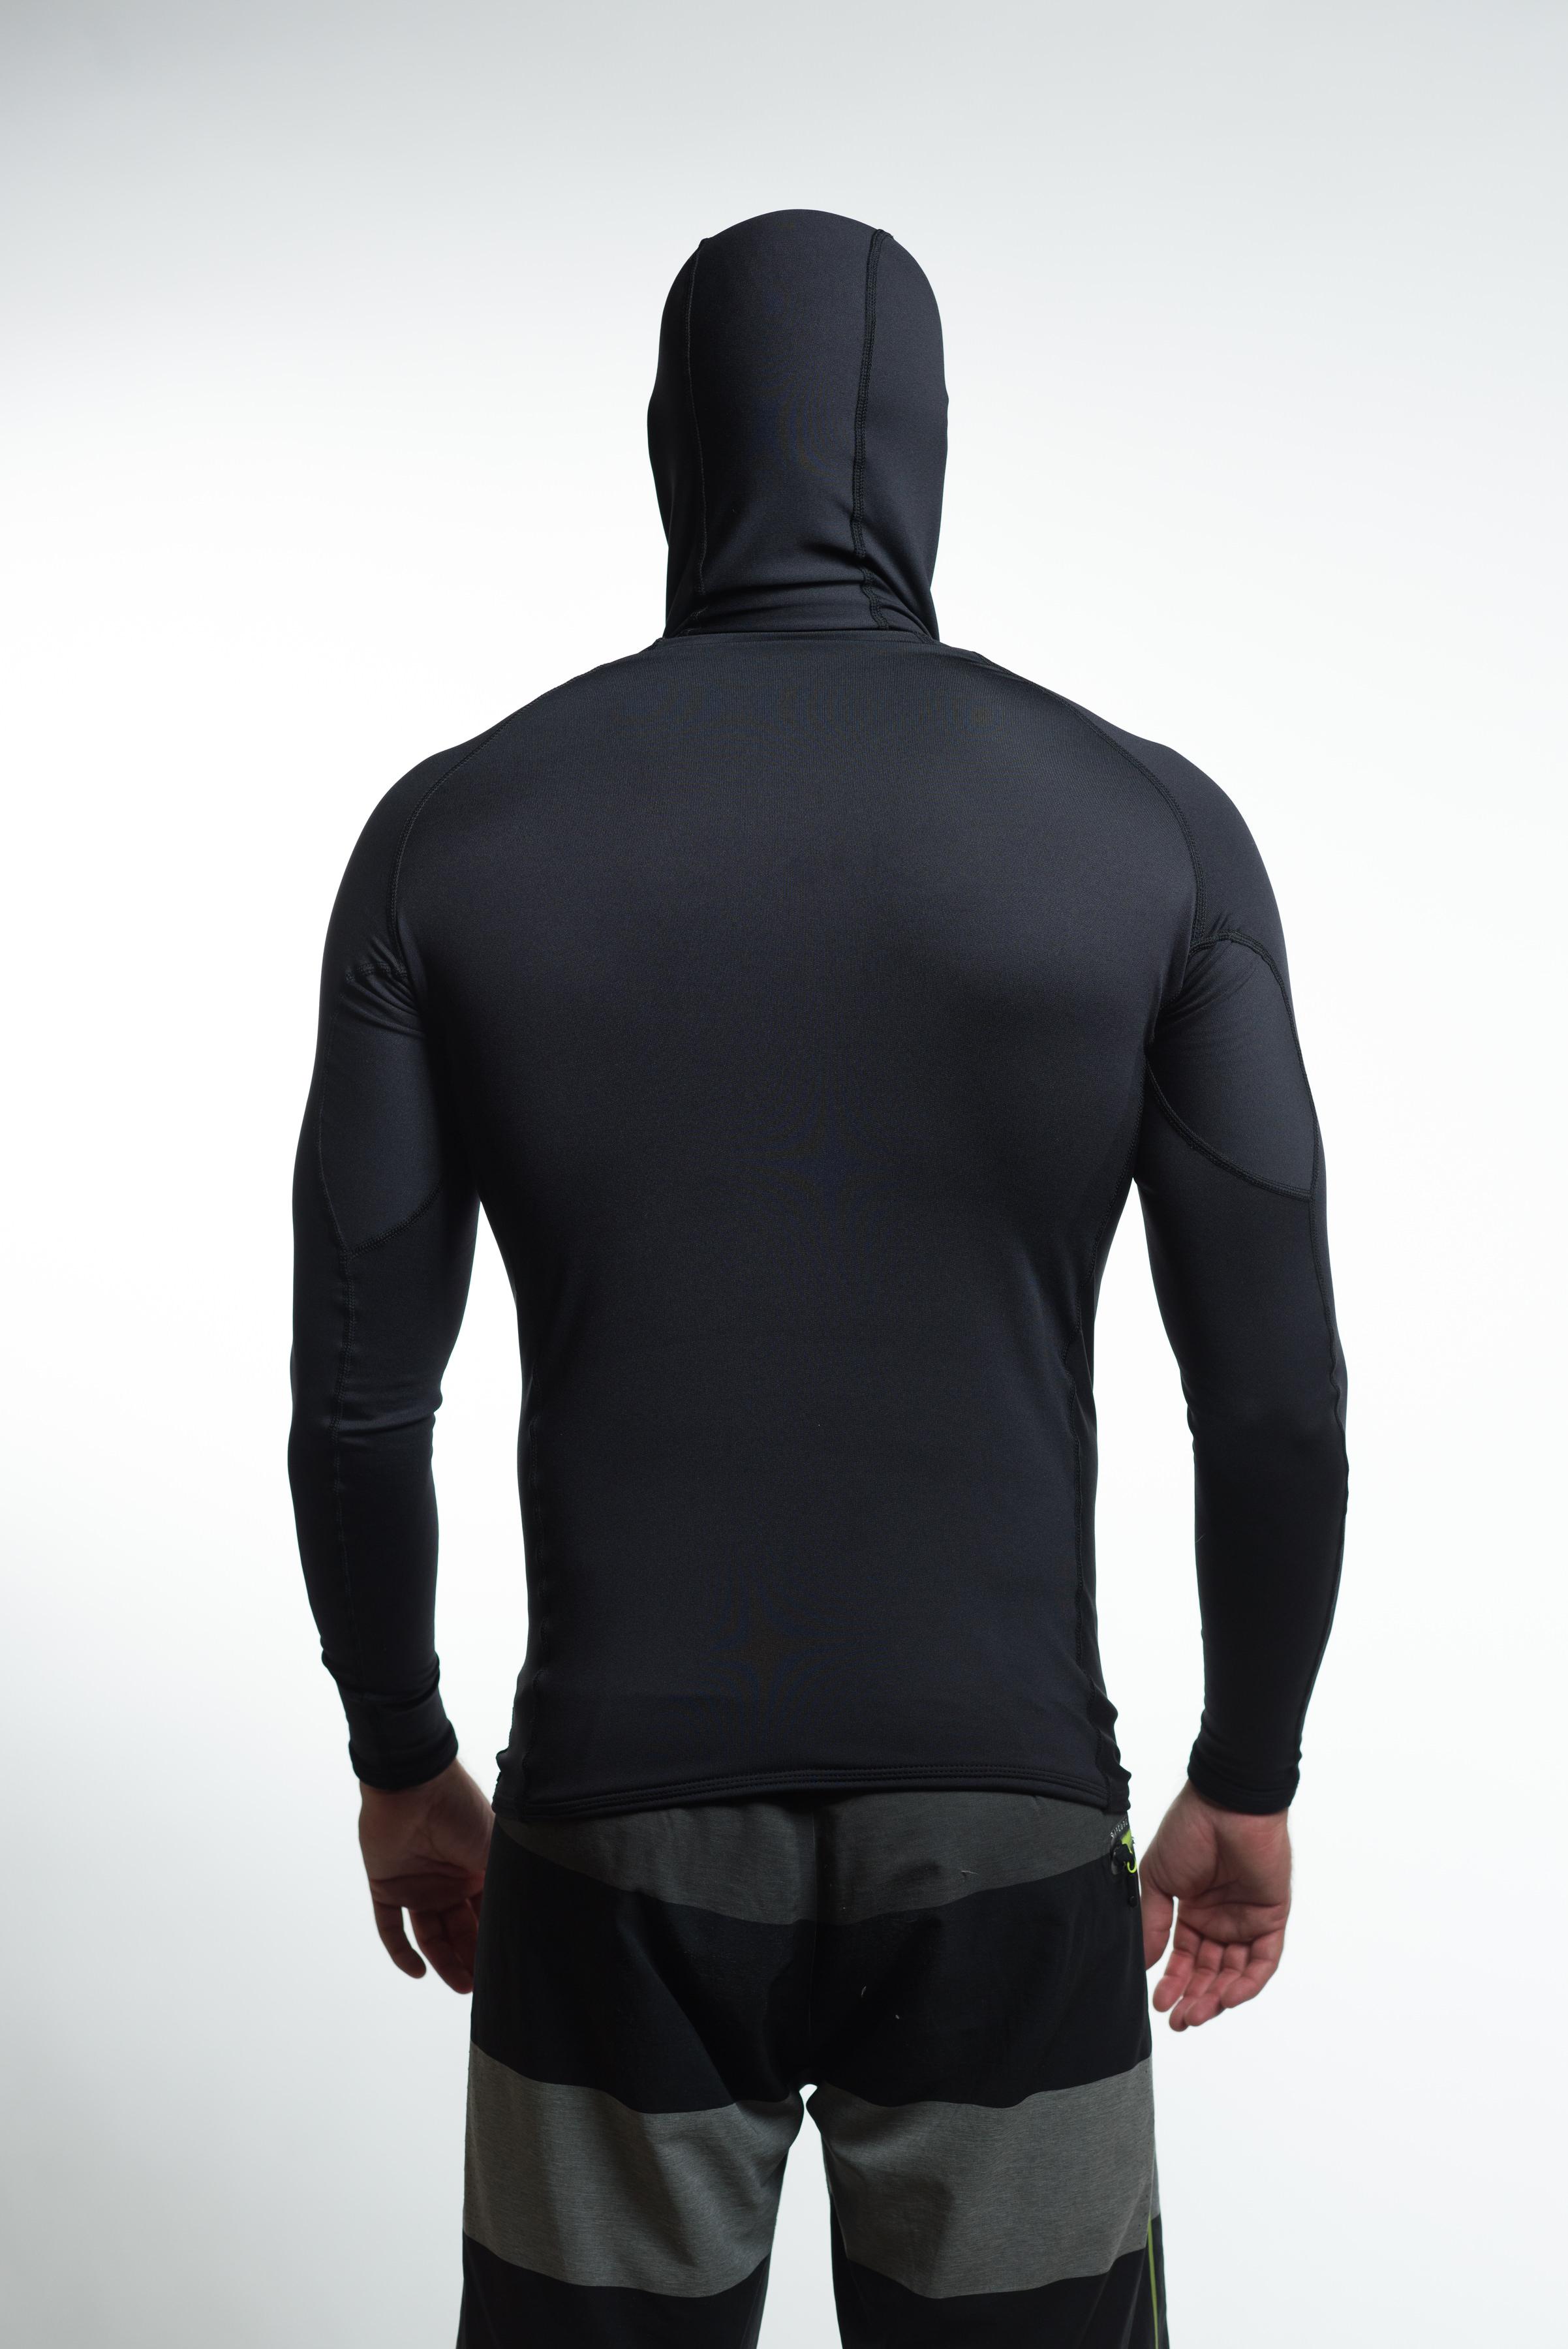 OT Mens #2155 Black